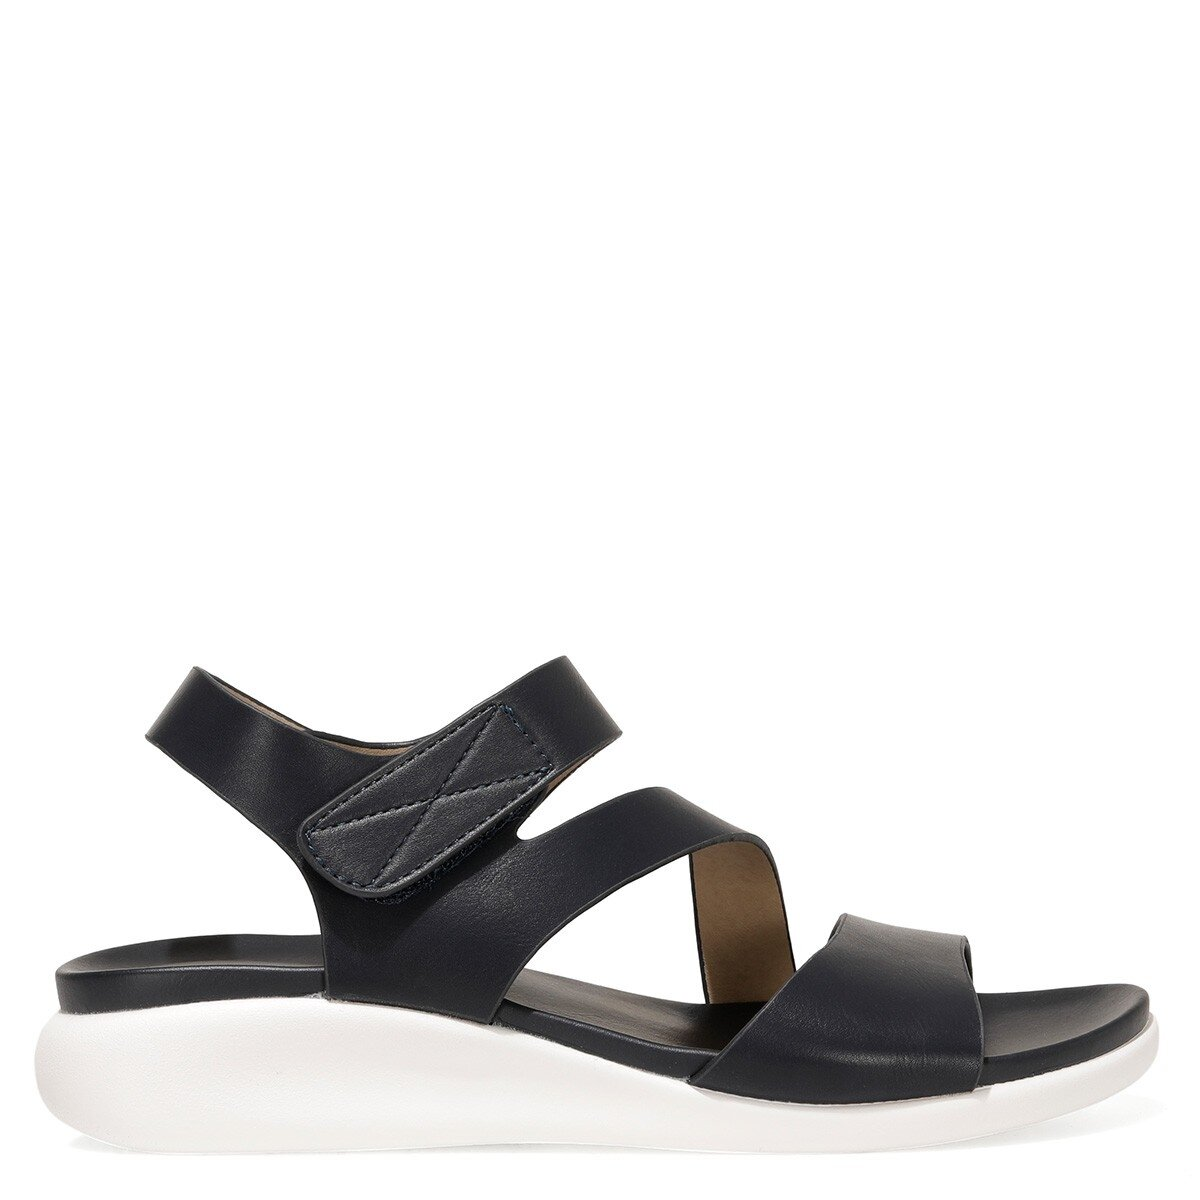 ZIZI 1FX Lacivert Kadın Düz Sandalet